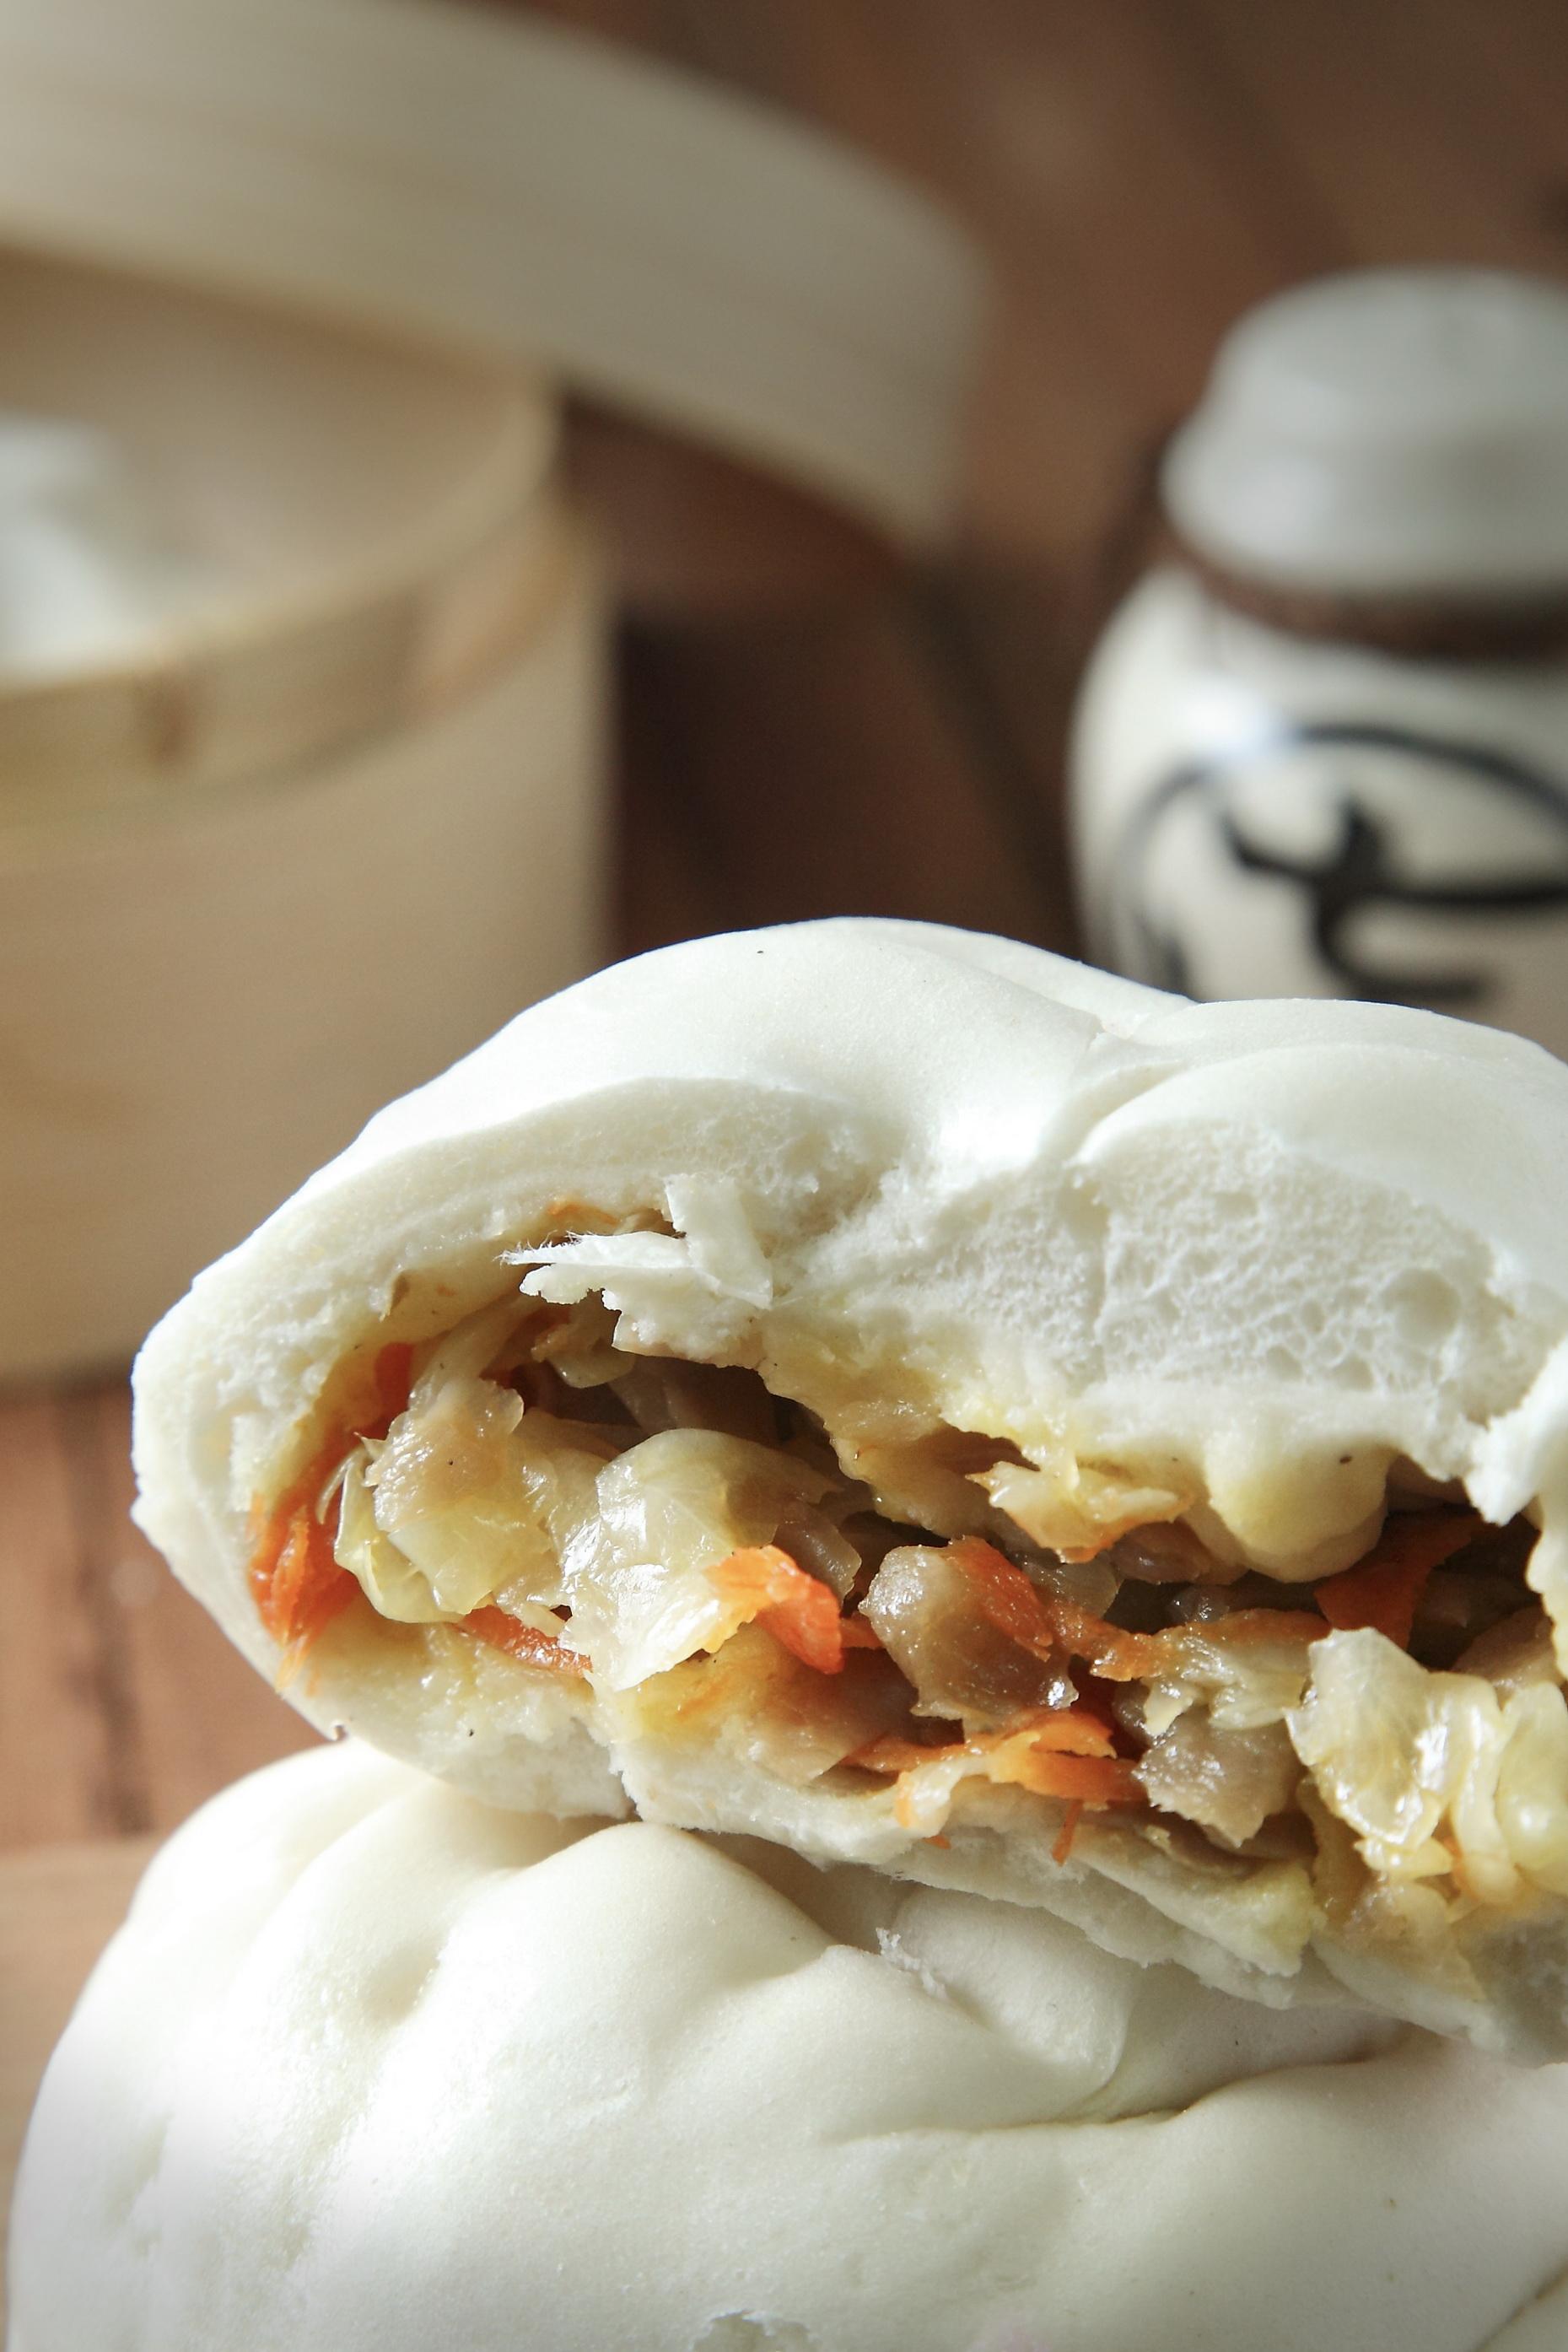 [ 愛上和平 Love&Peace] 純手工台灣高麗菜包,在地四十年各大專業品牌客製,破例網路平價開賣,c/p值超高。